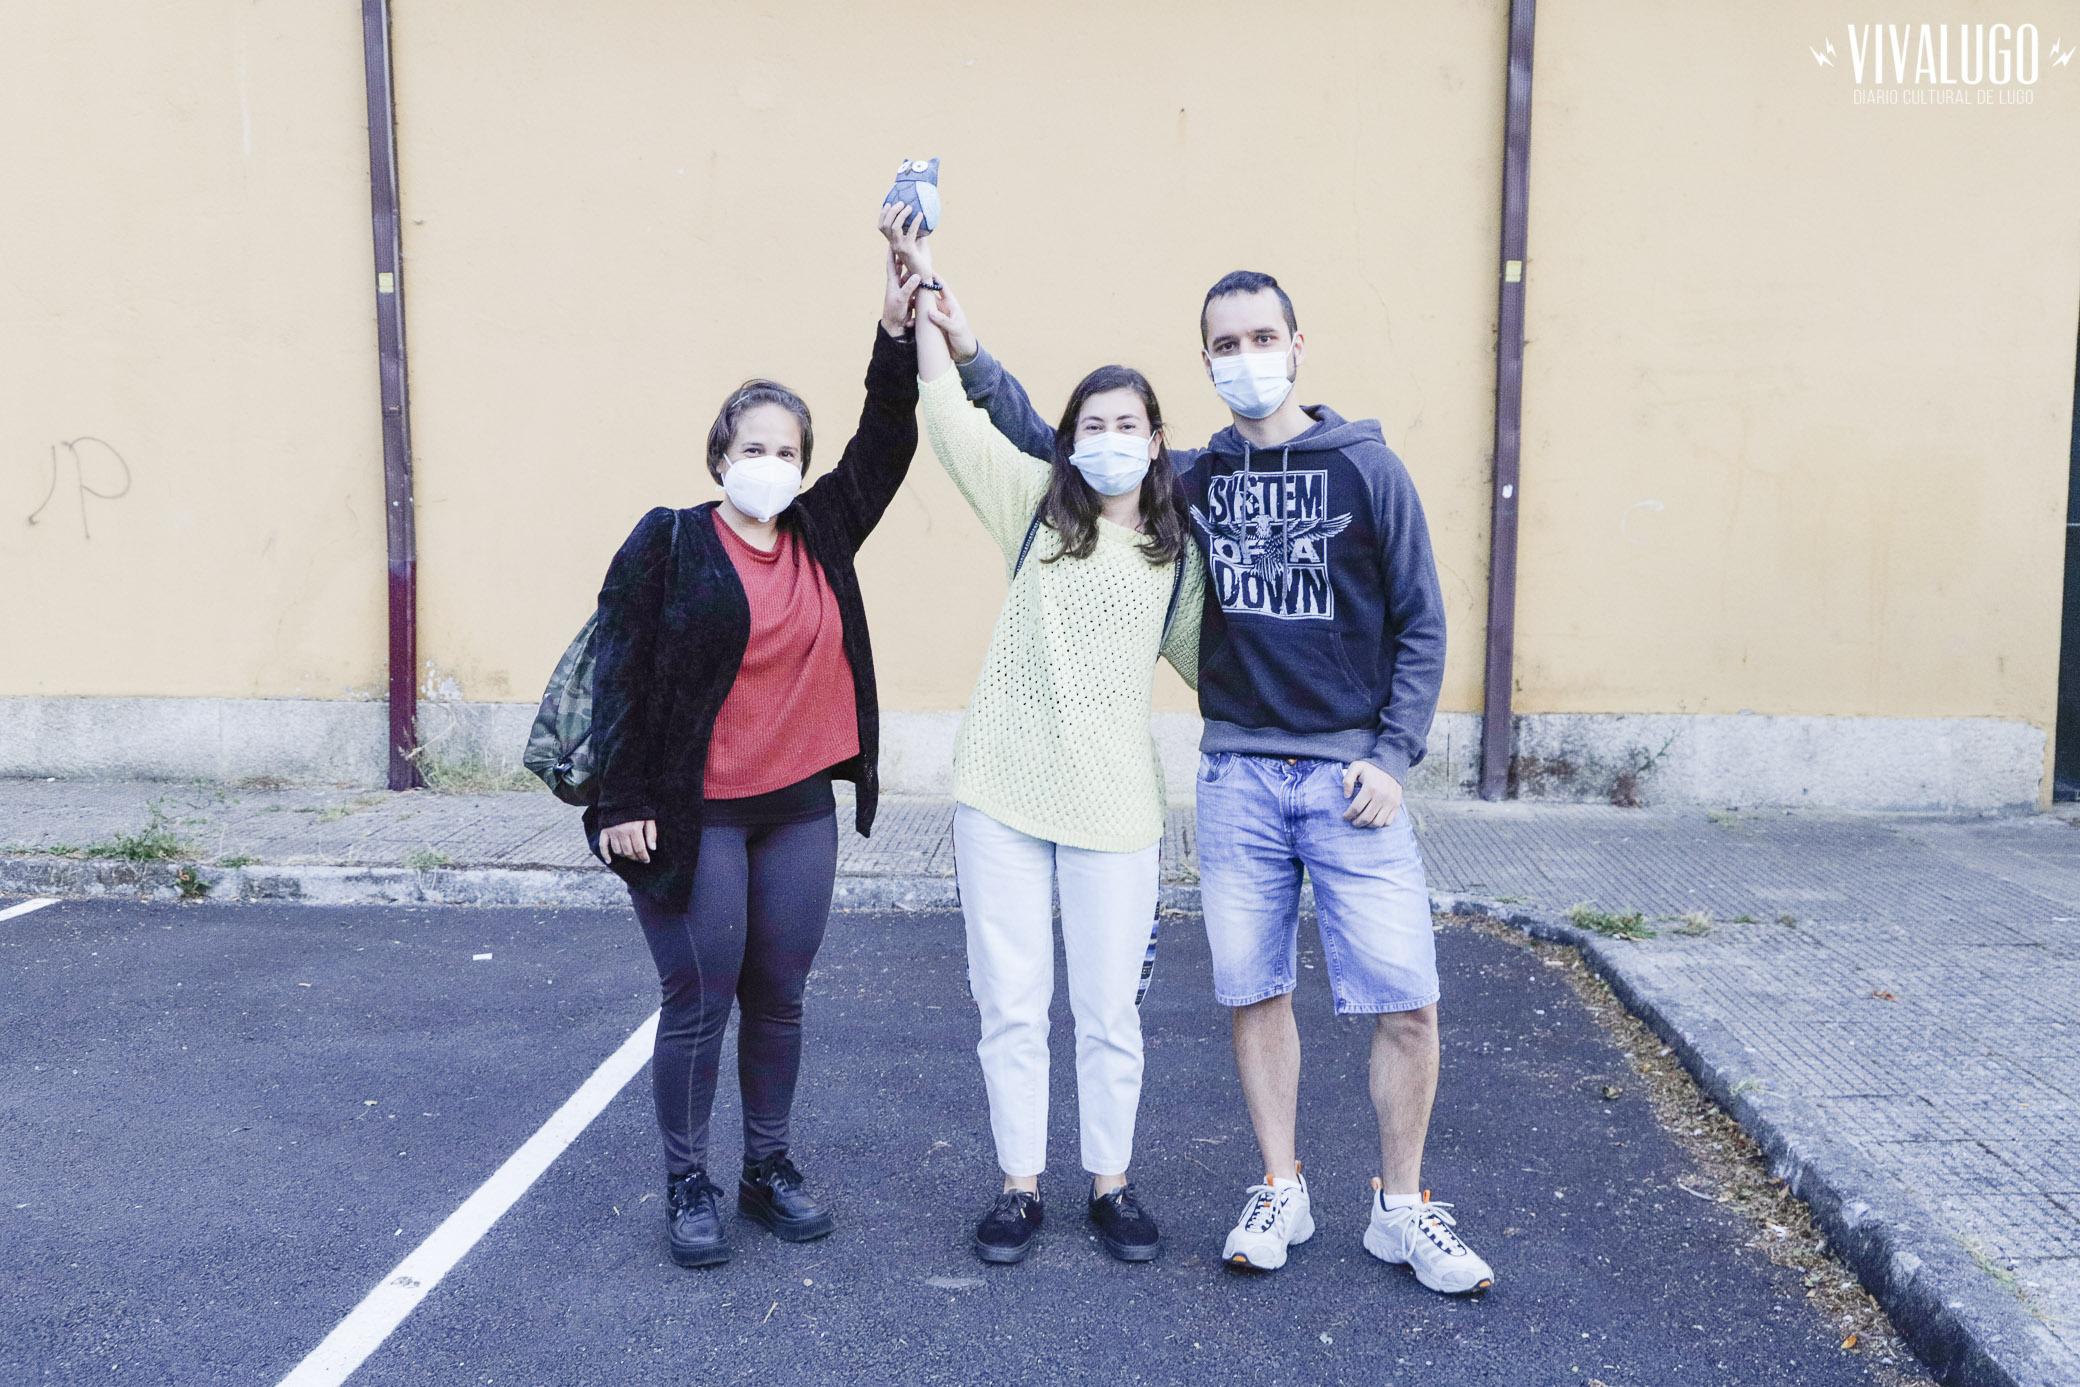 Foto de Loopez para Viva Lugo